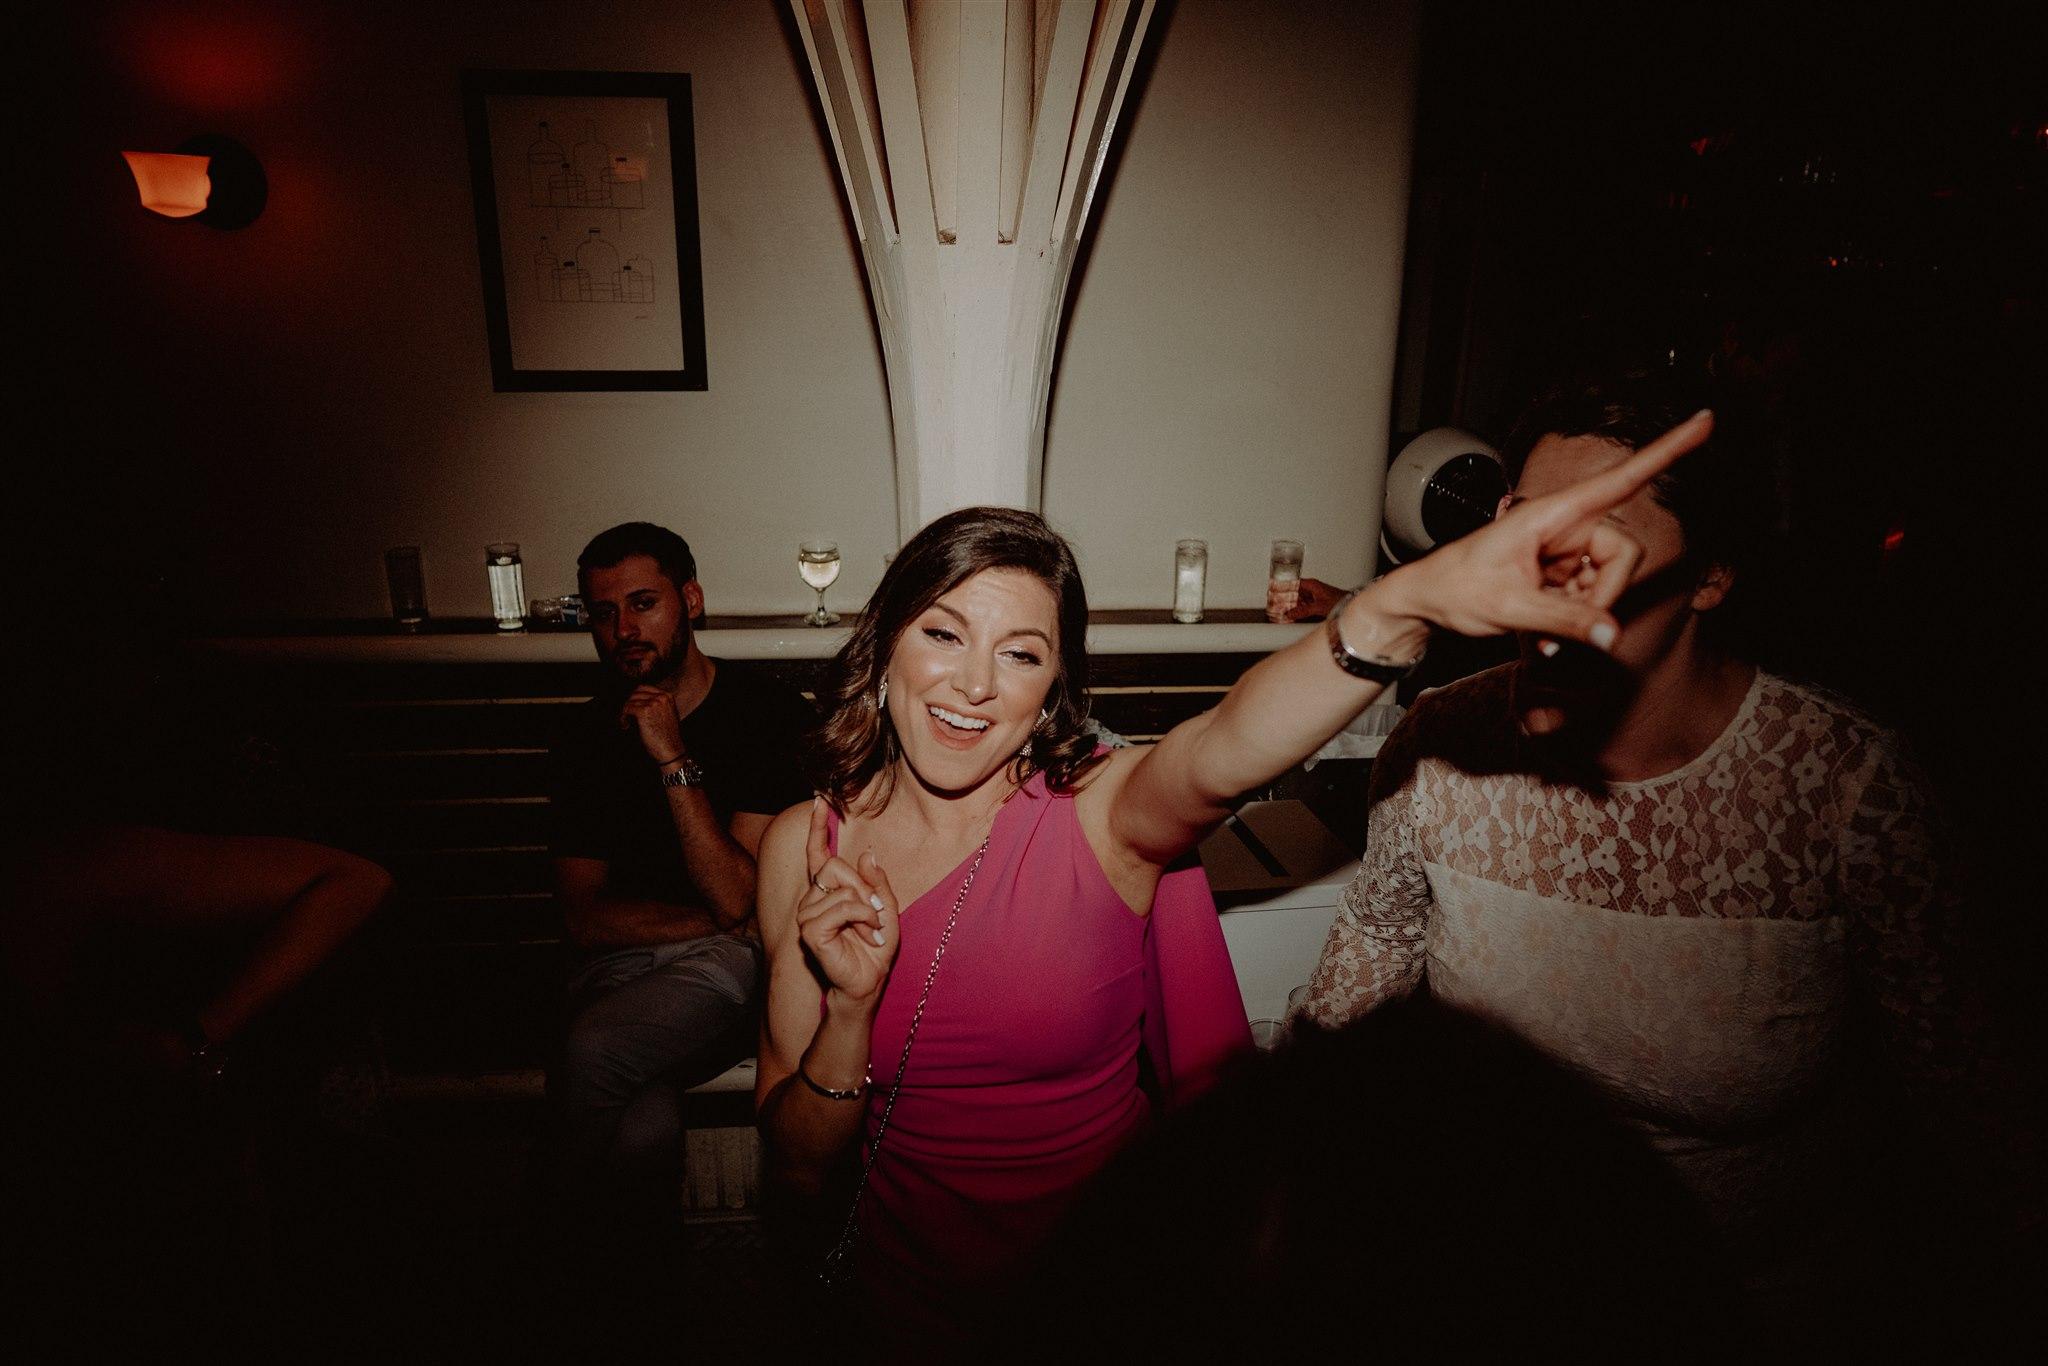 Chellise_Michael_Photography_Ramona_Brooklyn_Wedding_Photographer-958.jpg